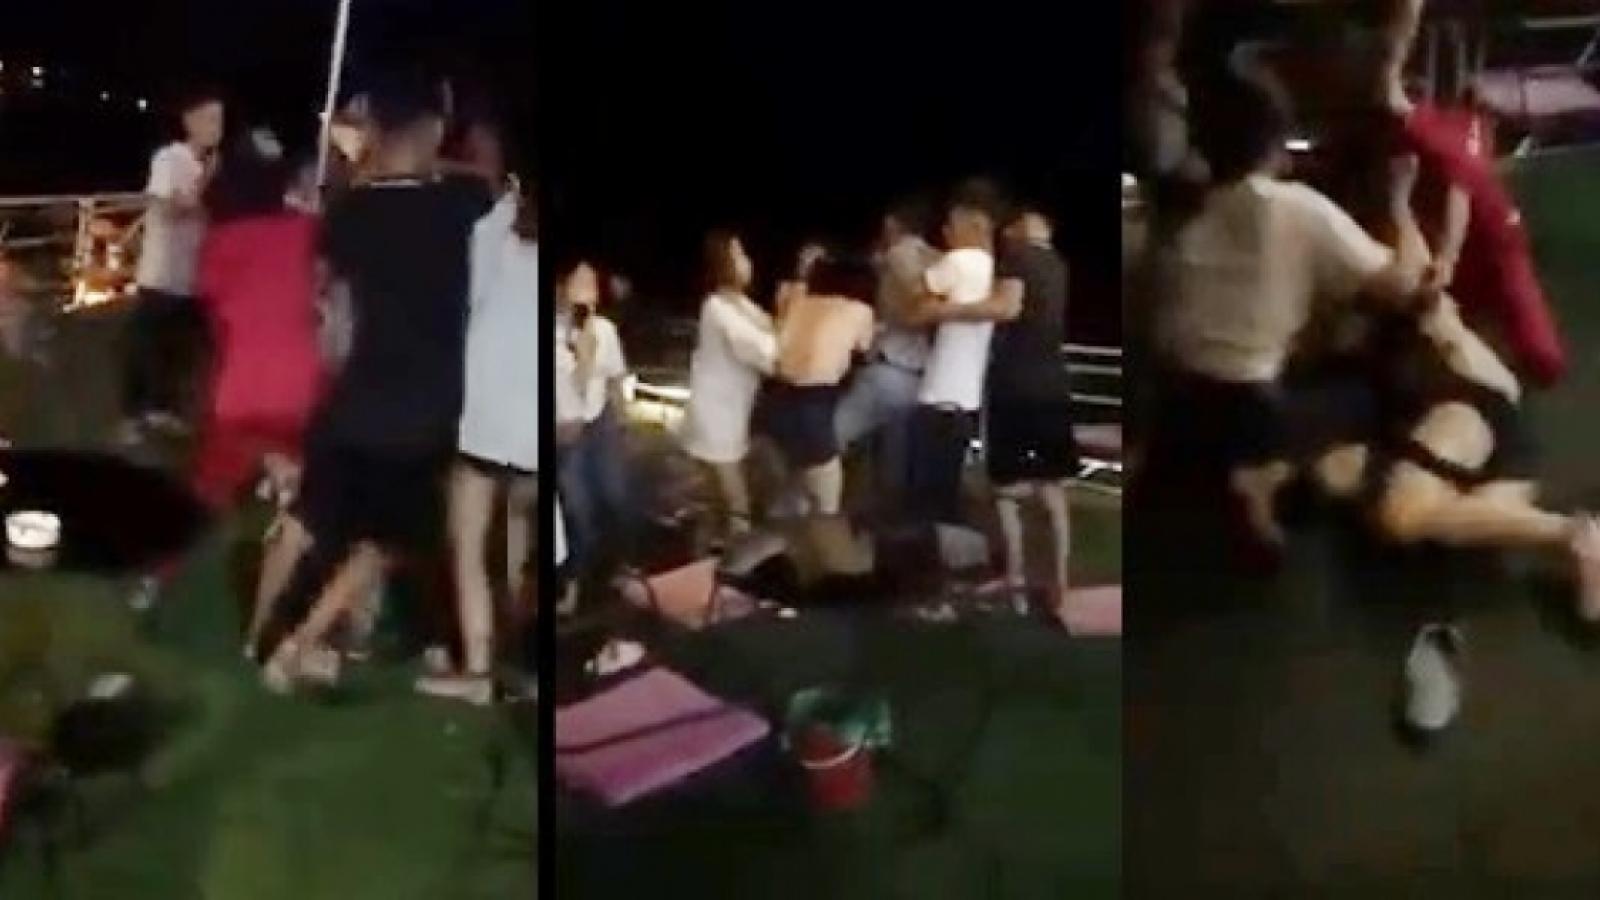 Nóng 24h: Thêm một phụ nữ bị đánh ghen, lột đồ trong quán cafe ở Hà Nội